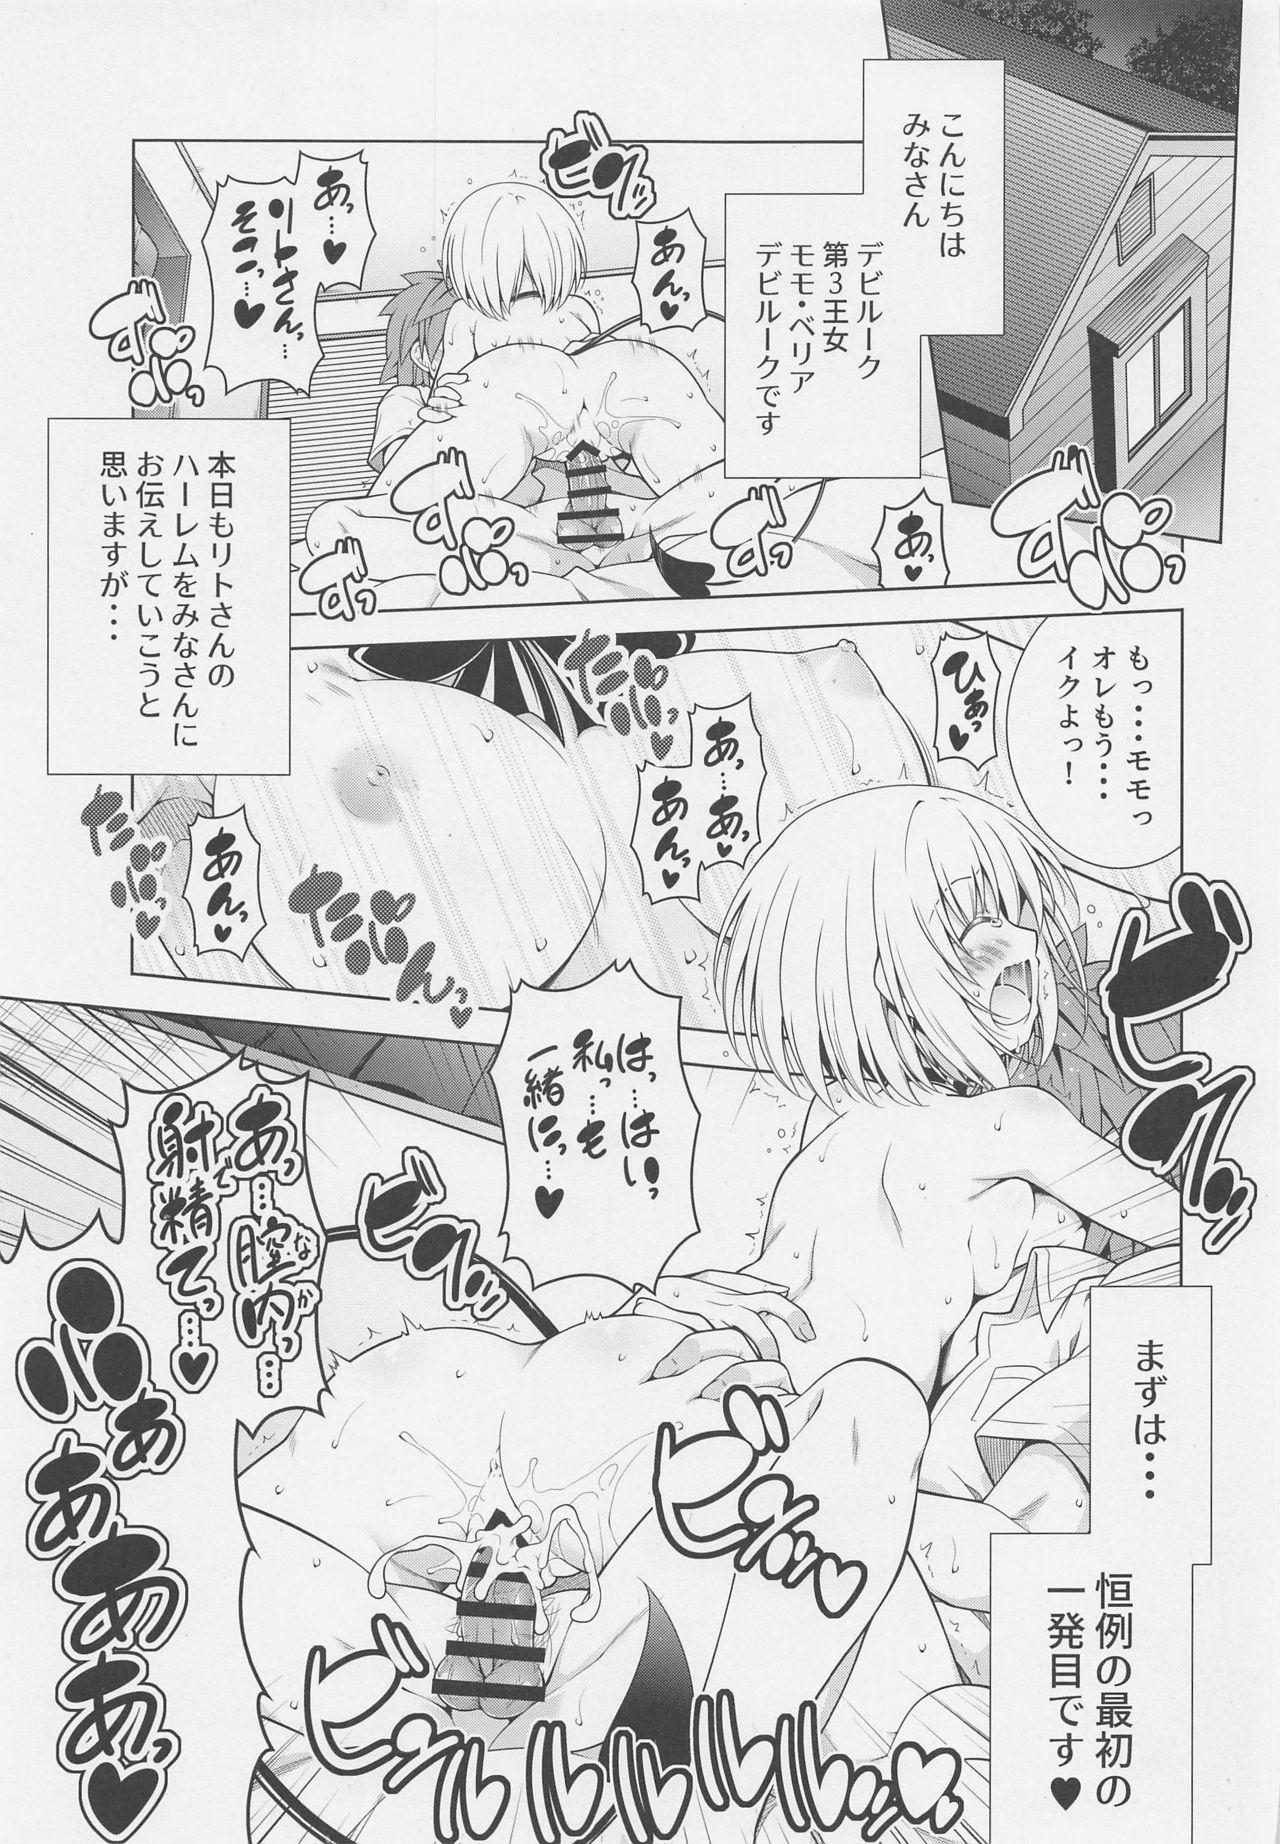 Rito-san no Harem Seikatsu 9 2